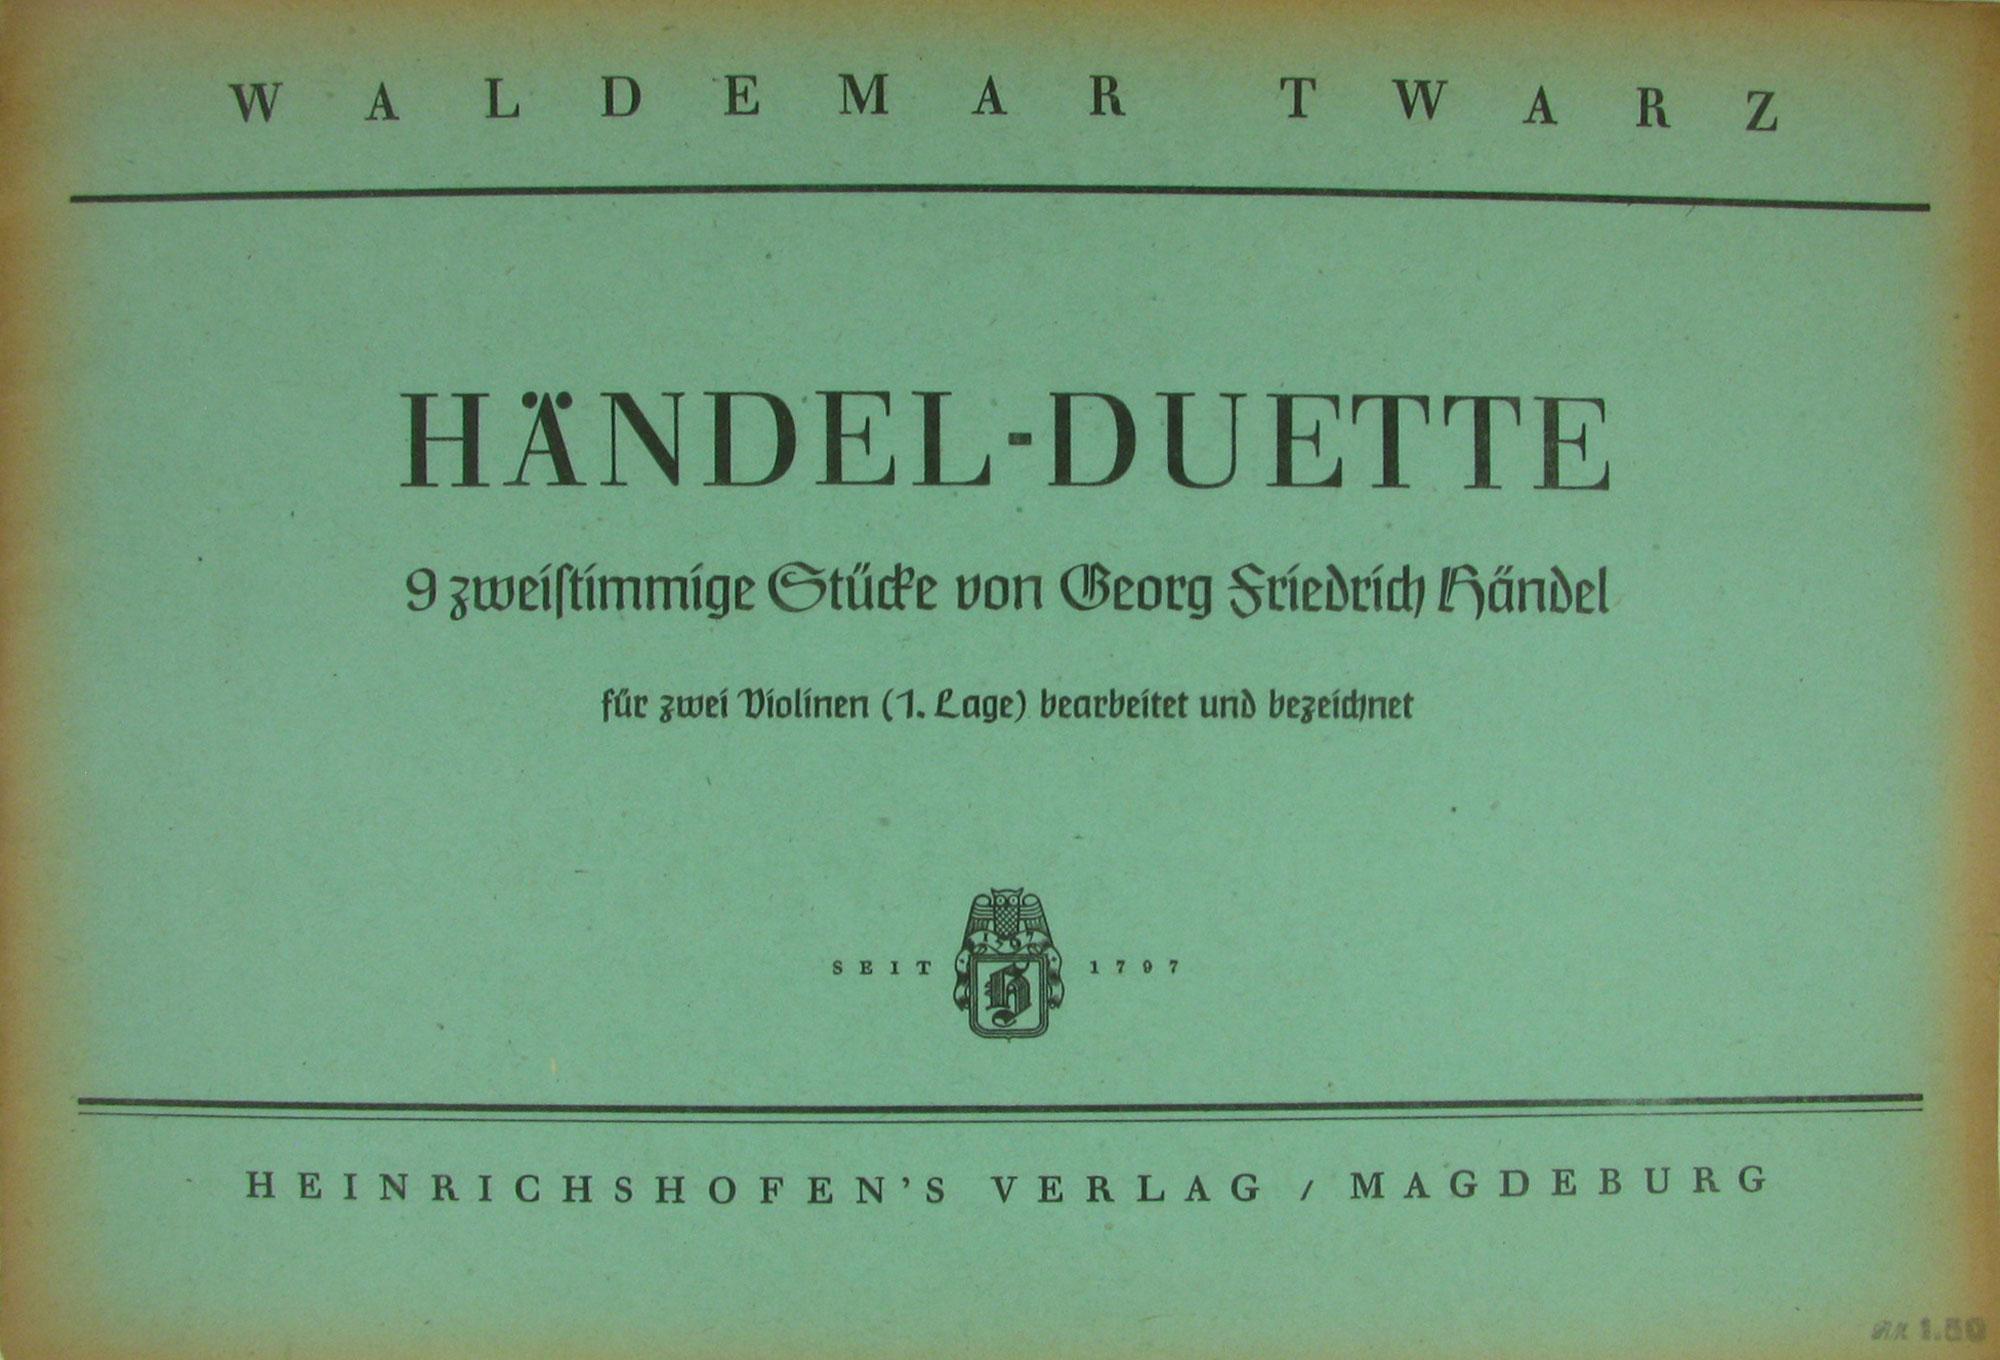 Händel Duette 9 zweistimmige Stücke von Georg Friedrich Twarz Waldemar Hrsg